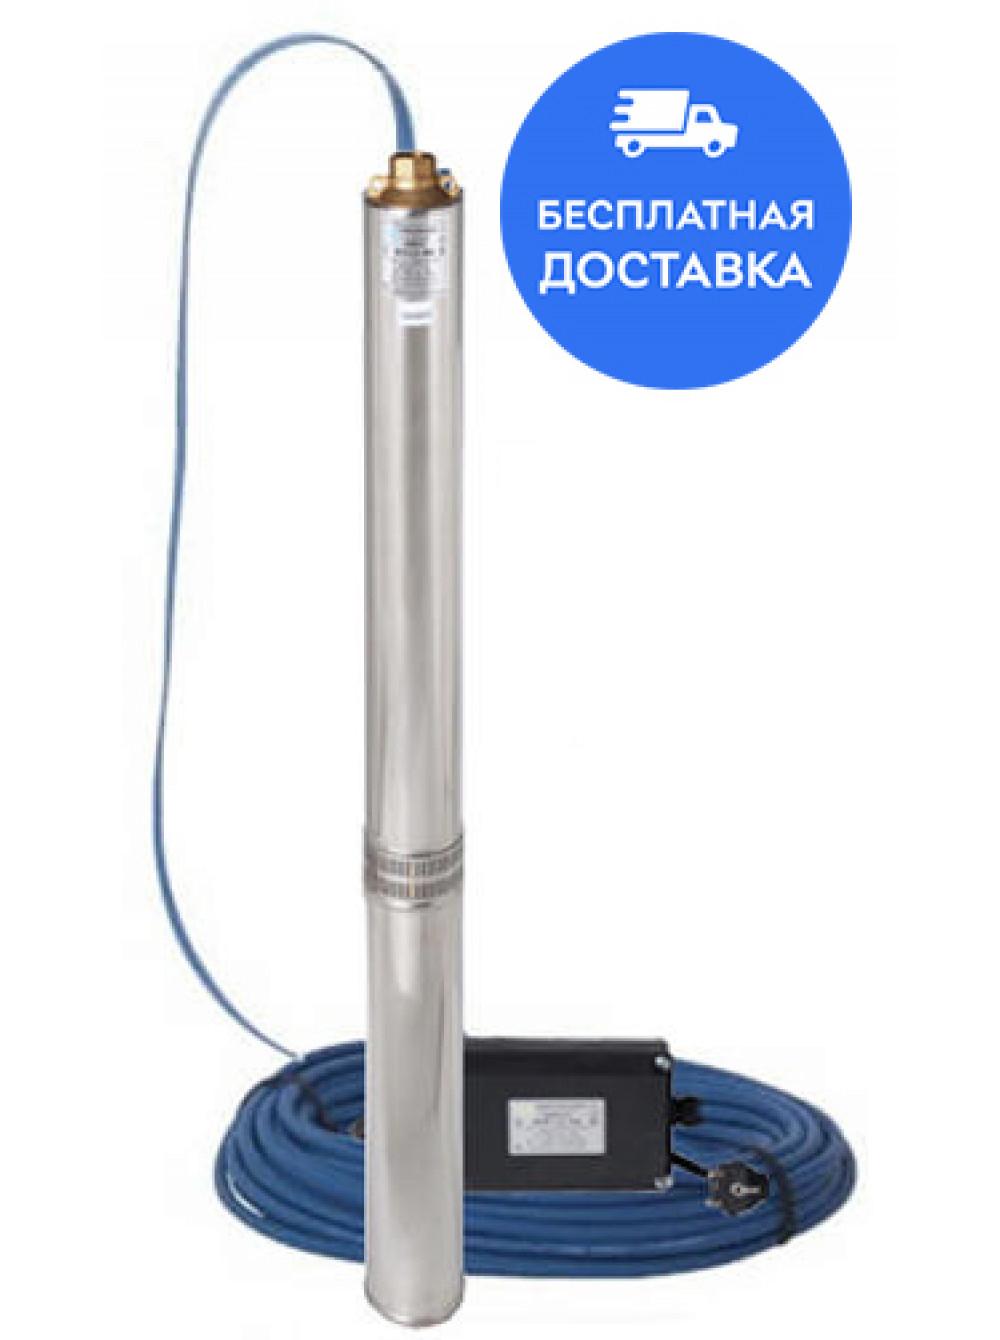 Насос погружной Водолей БЦПЭ 0,3-40У 1m3/h-2m3/h цена